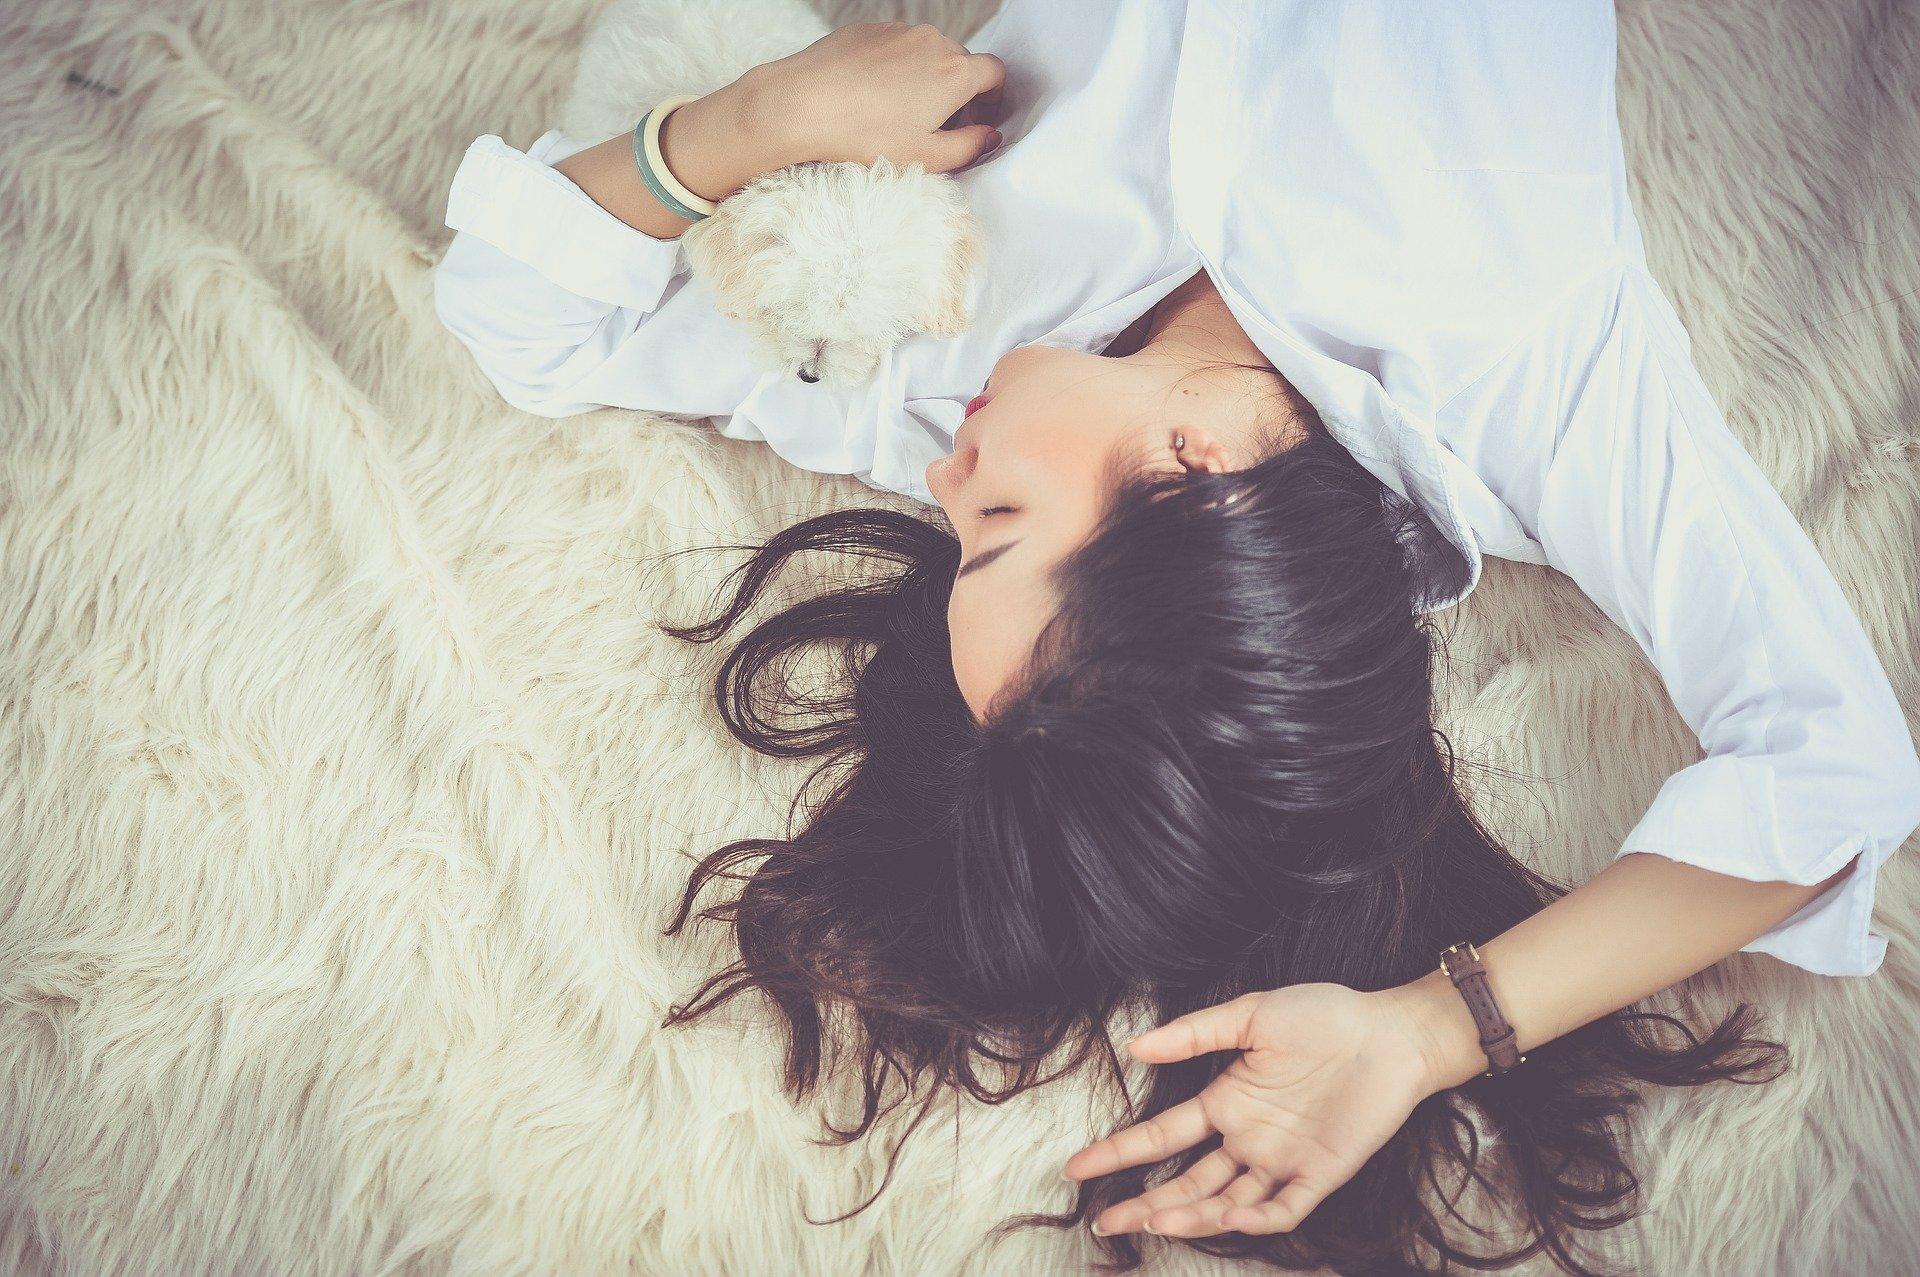 Awas, Kebanyakan Tidur Mengundang Masalah!